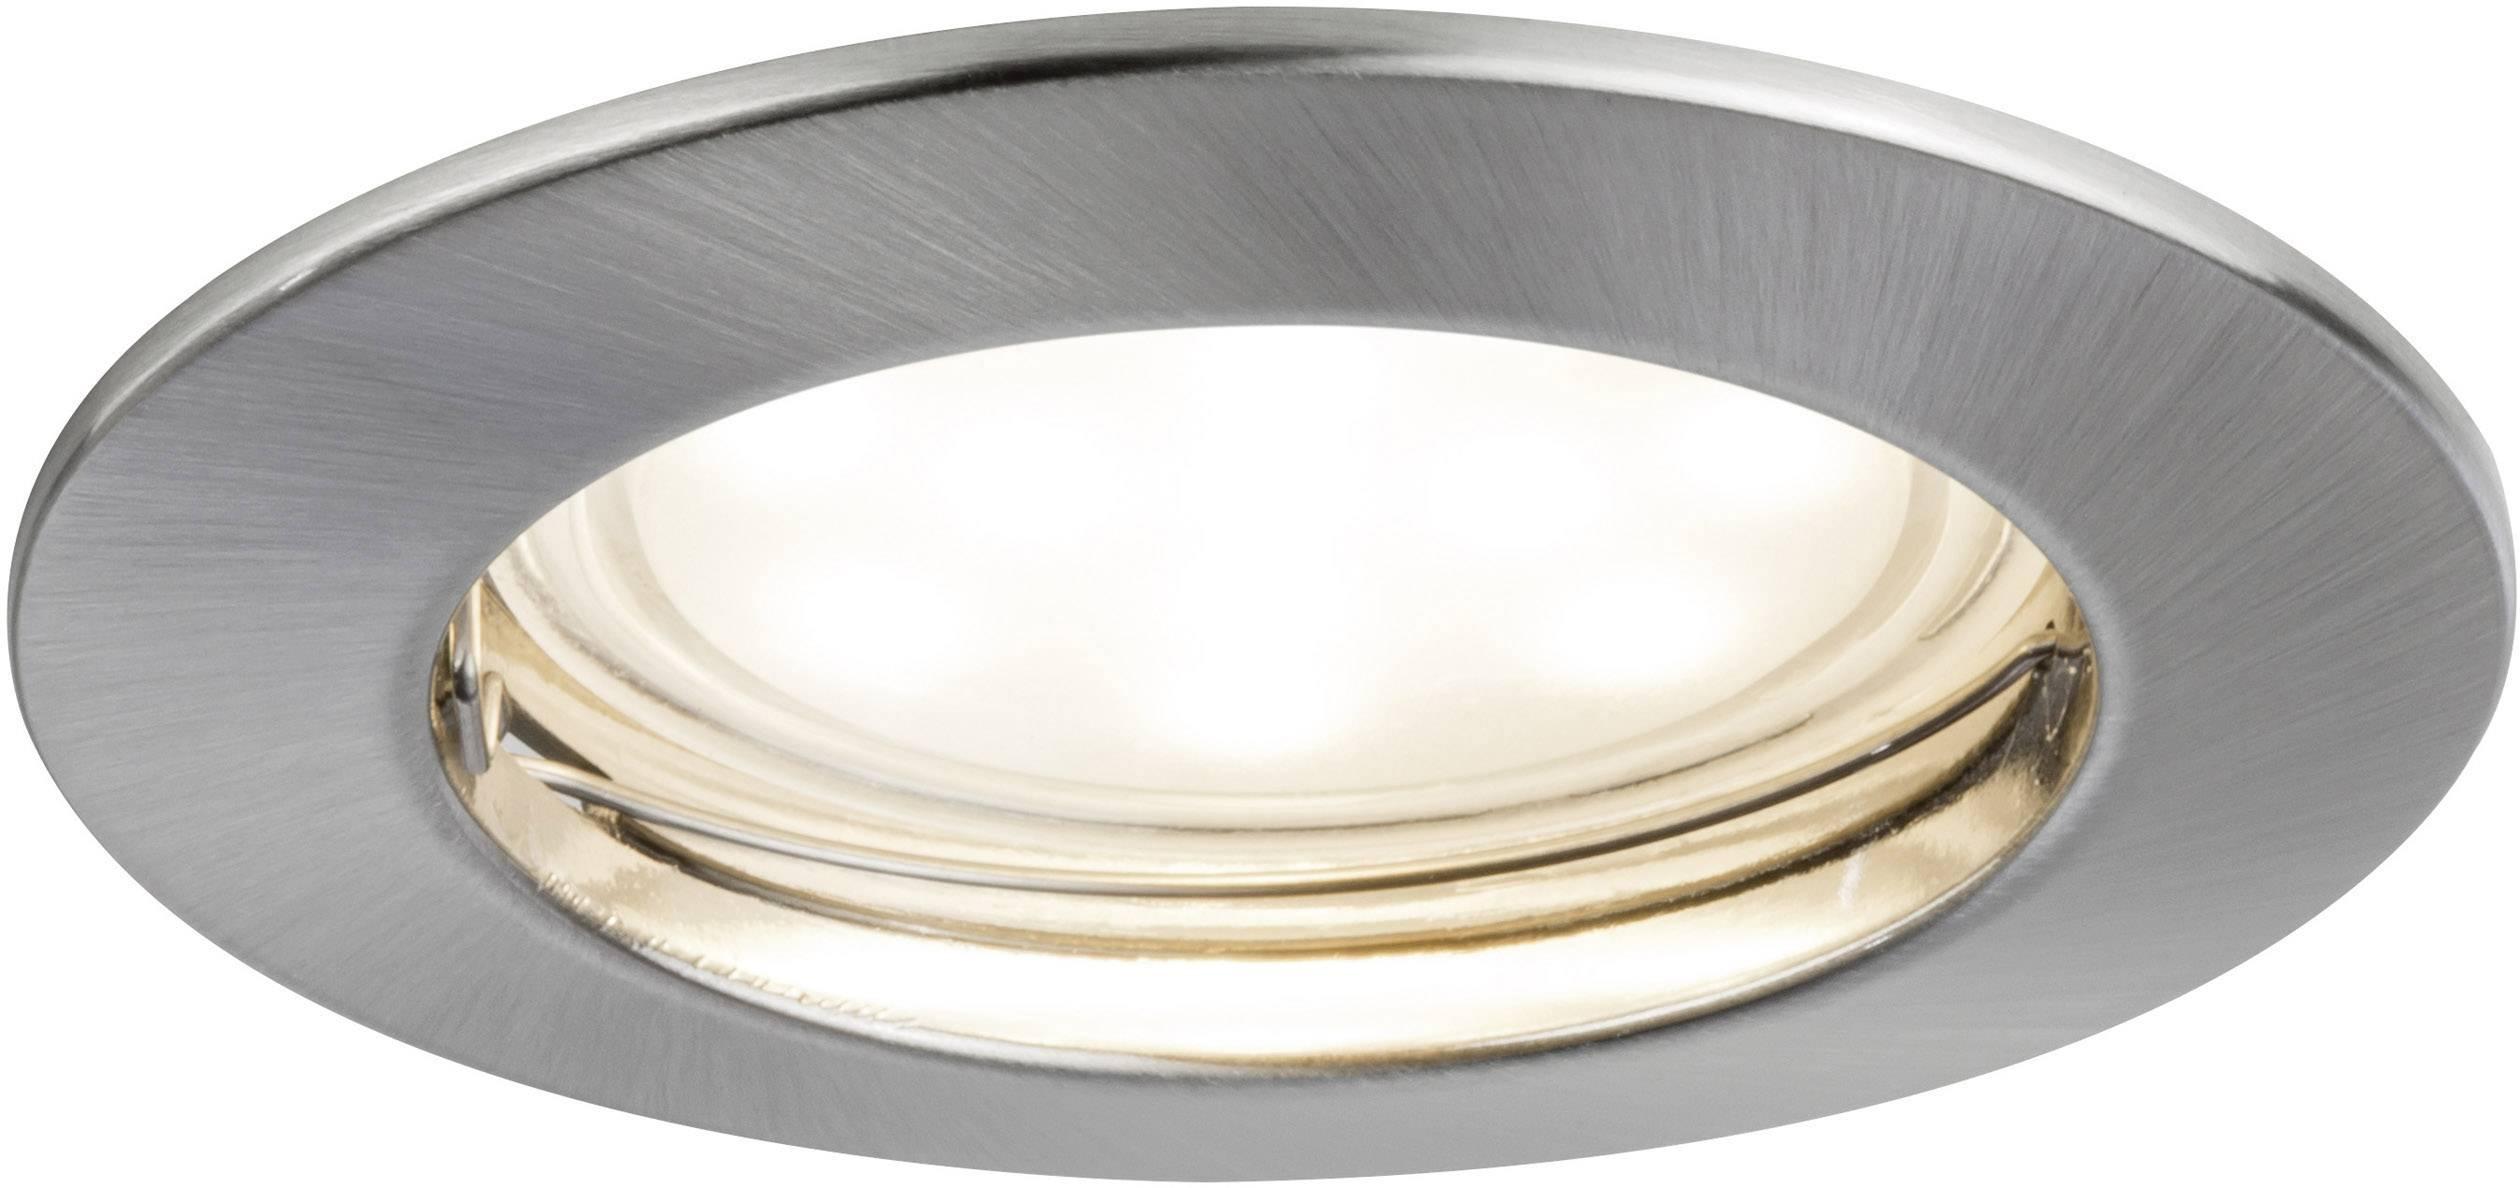 Paulmann Coin 92805 Lampada LE